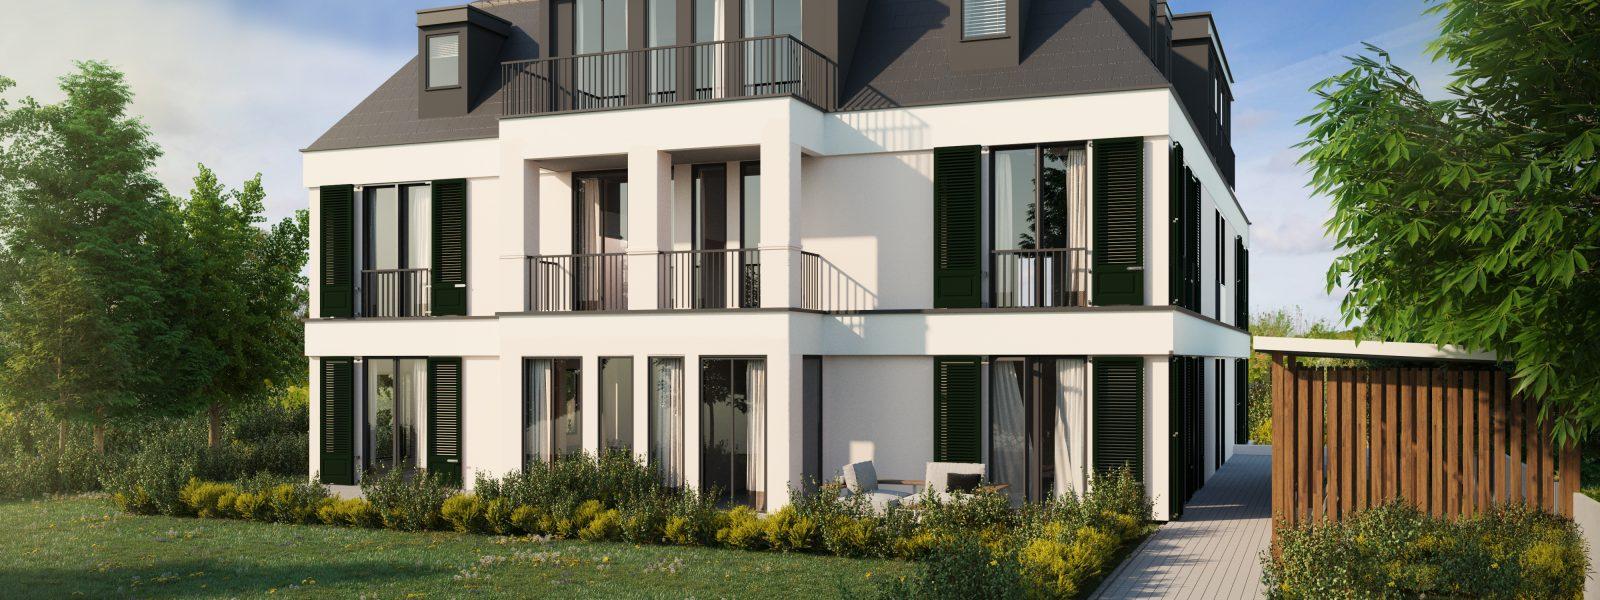 Жилой проект Villa Galant: первоклассные квартиры в Западном Берлине